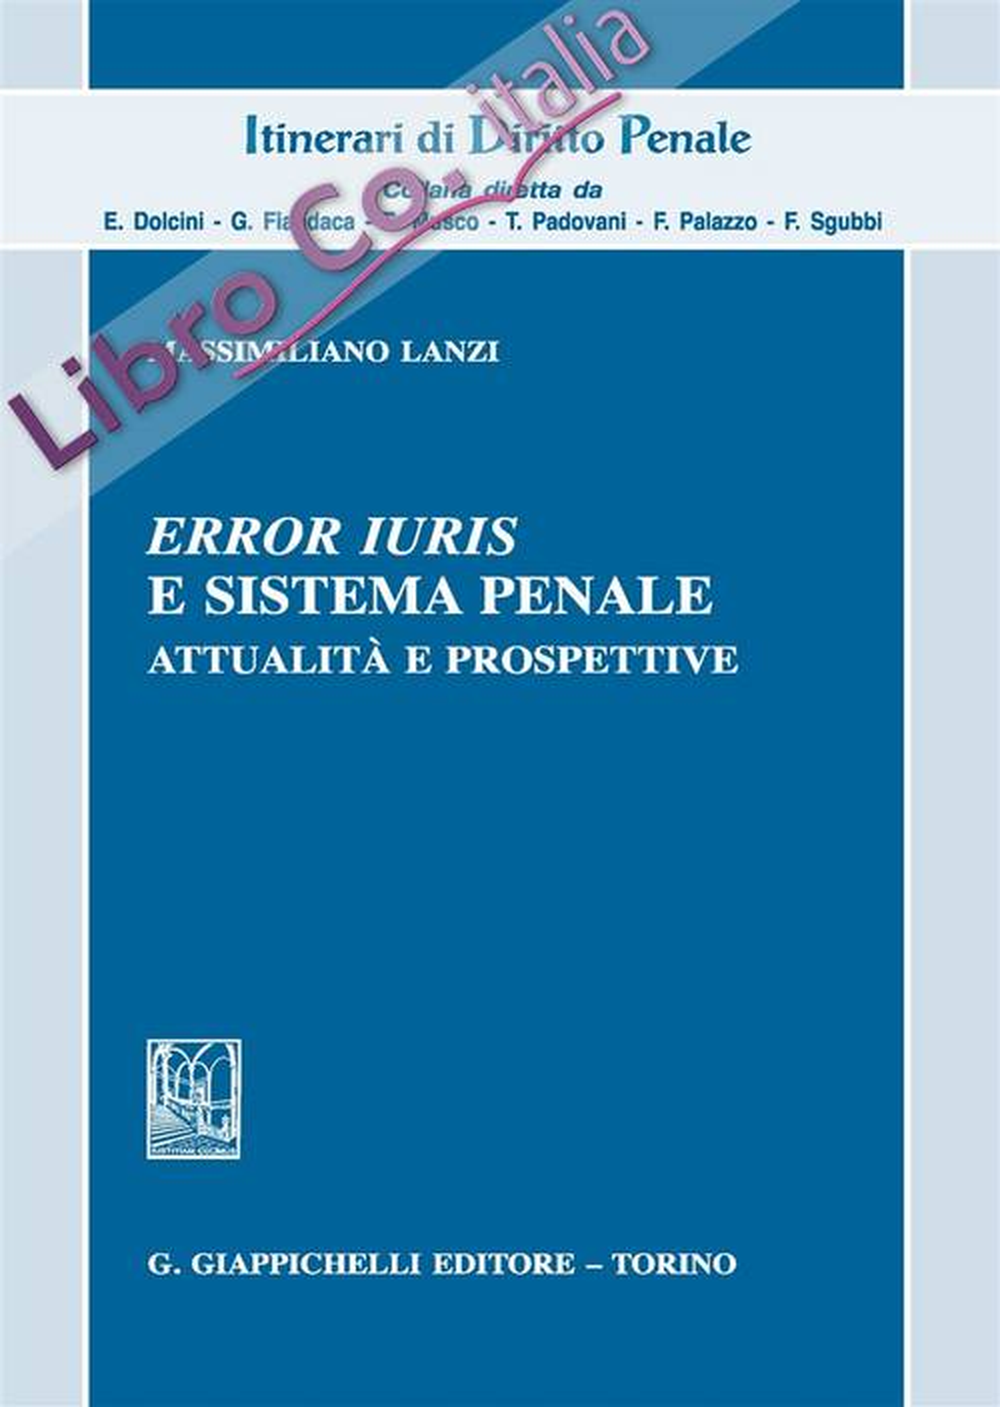 «Error iuris» e sistema penale. Attualità e prospettive